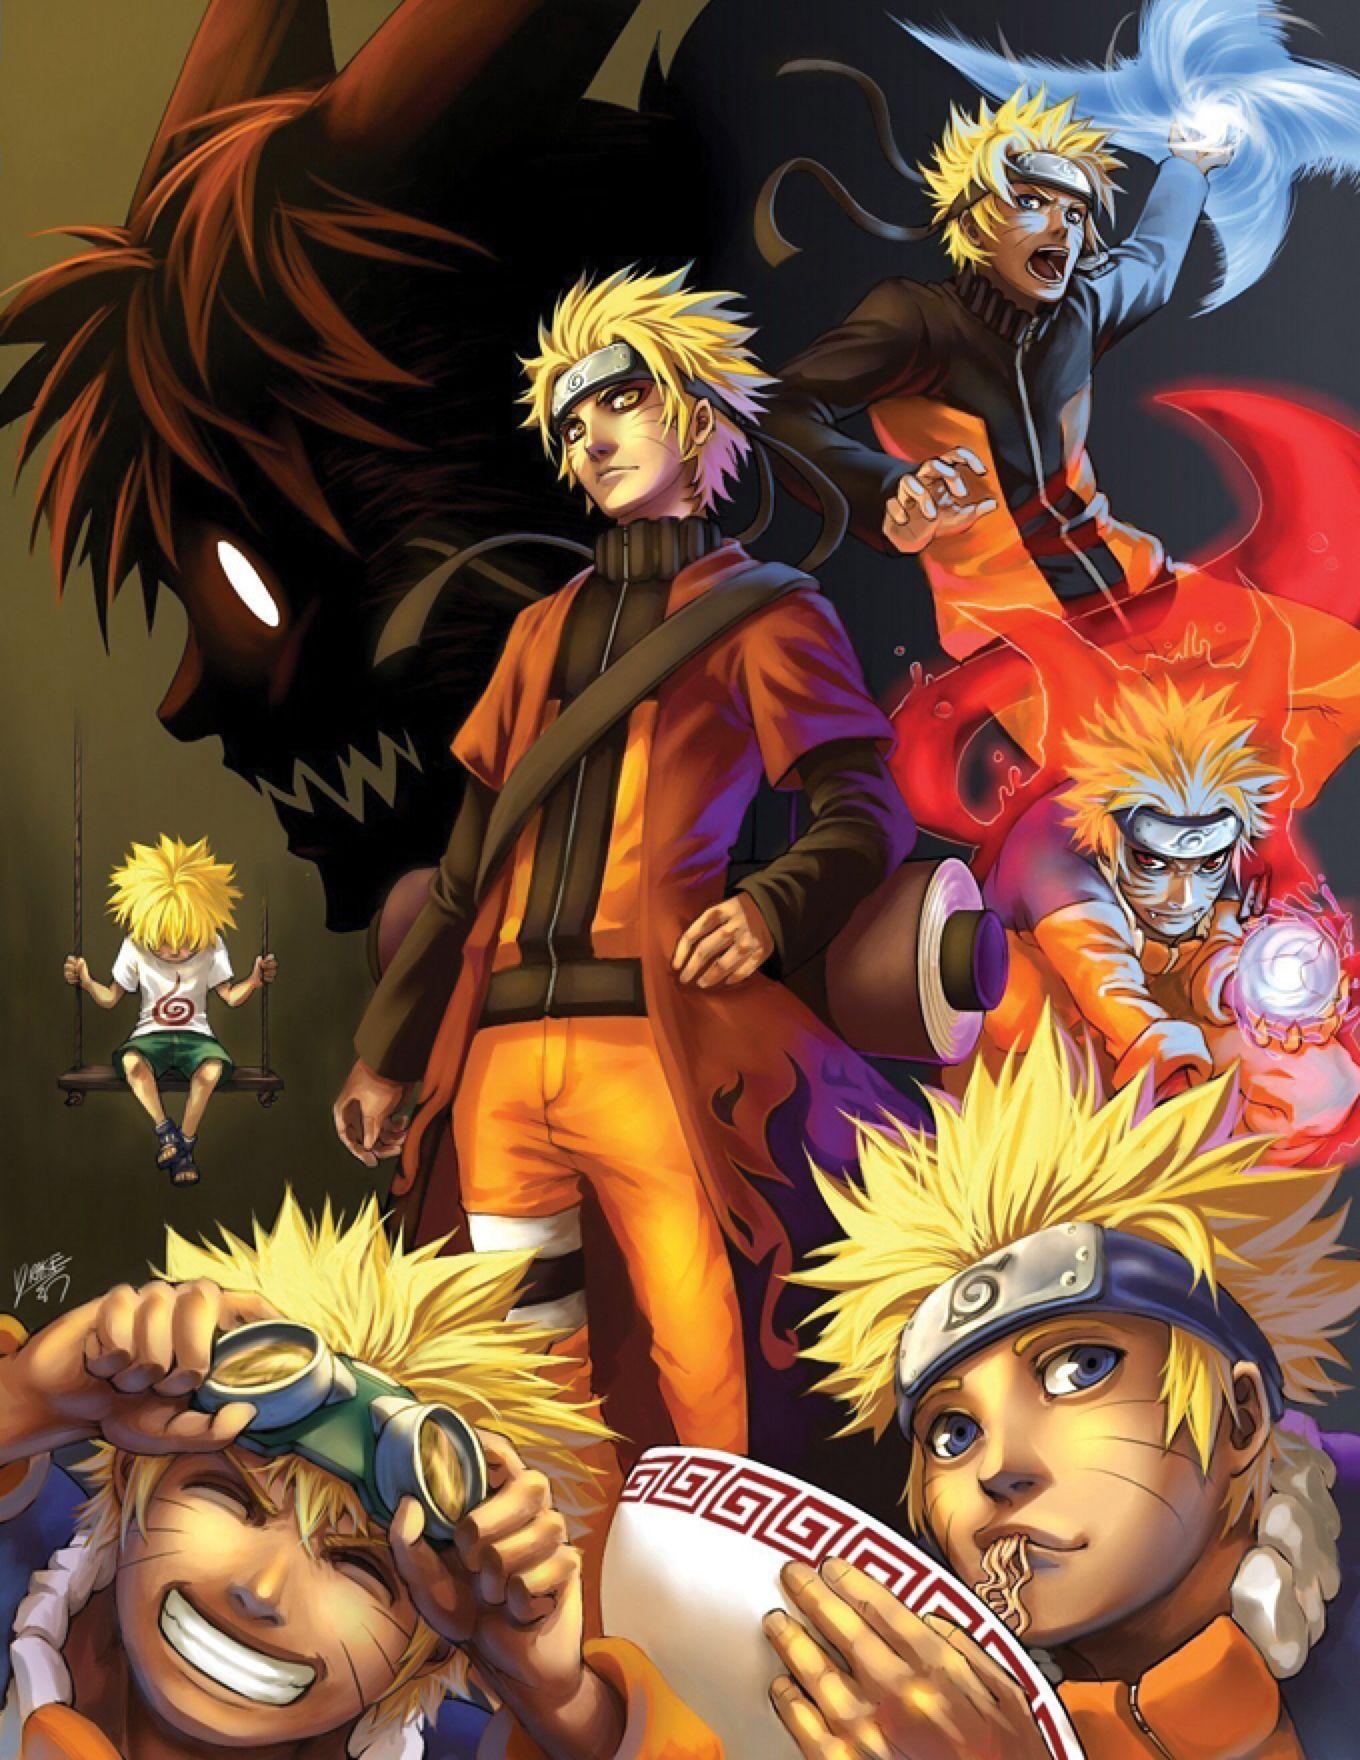 Naruto By Quirkilicious On Deviantart Naruto Fan Art Naruto Vs Sasuke Anime Naruto